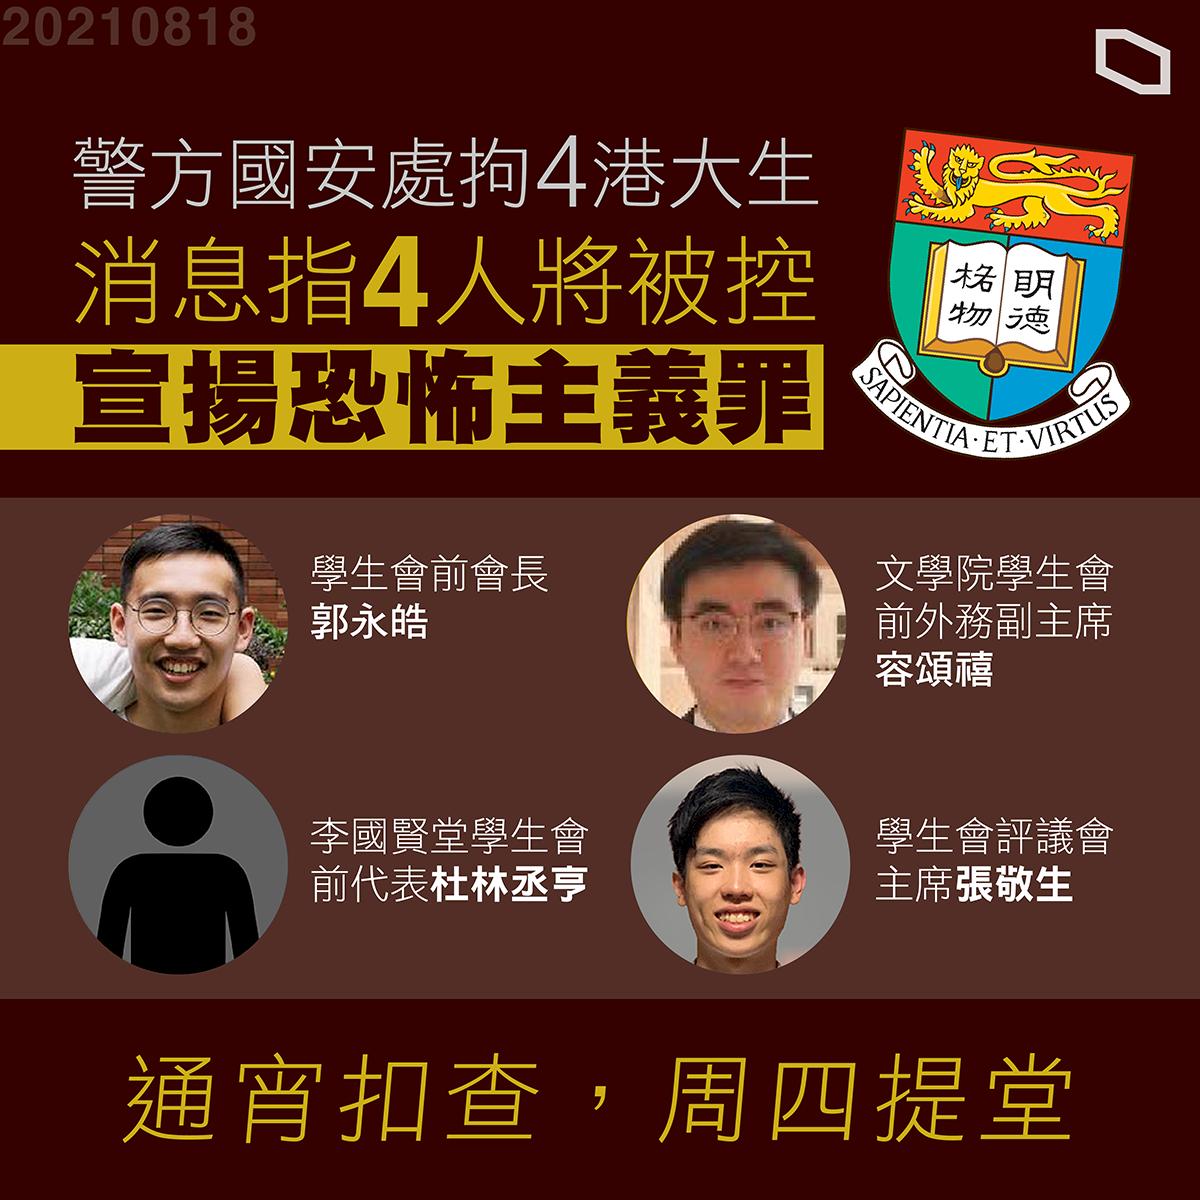 台學聯聲援港大學生會 呼籲台灣盤整港澳條例提供援助